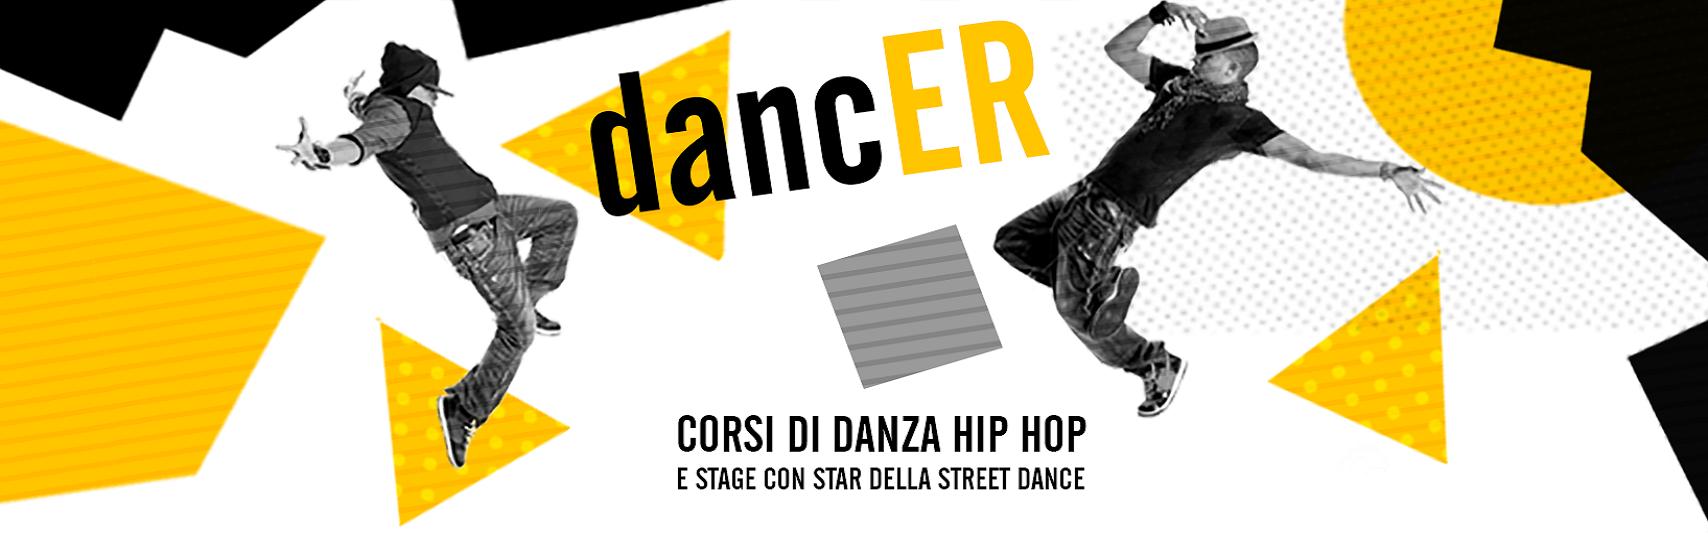 Copertina-Progetto-Dancer-per sito labidee